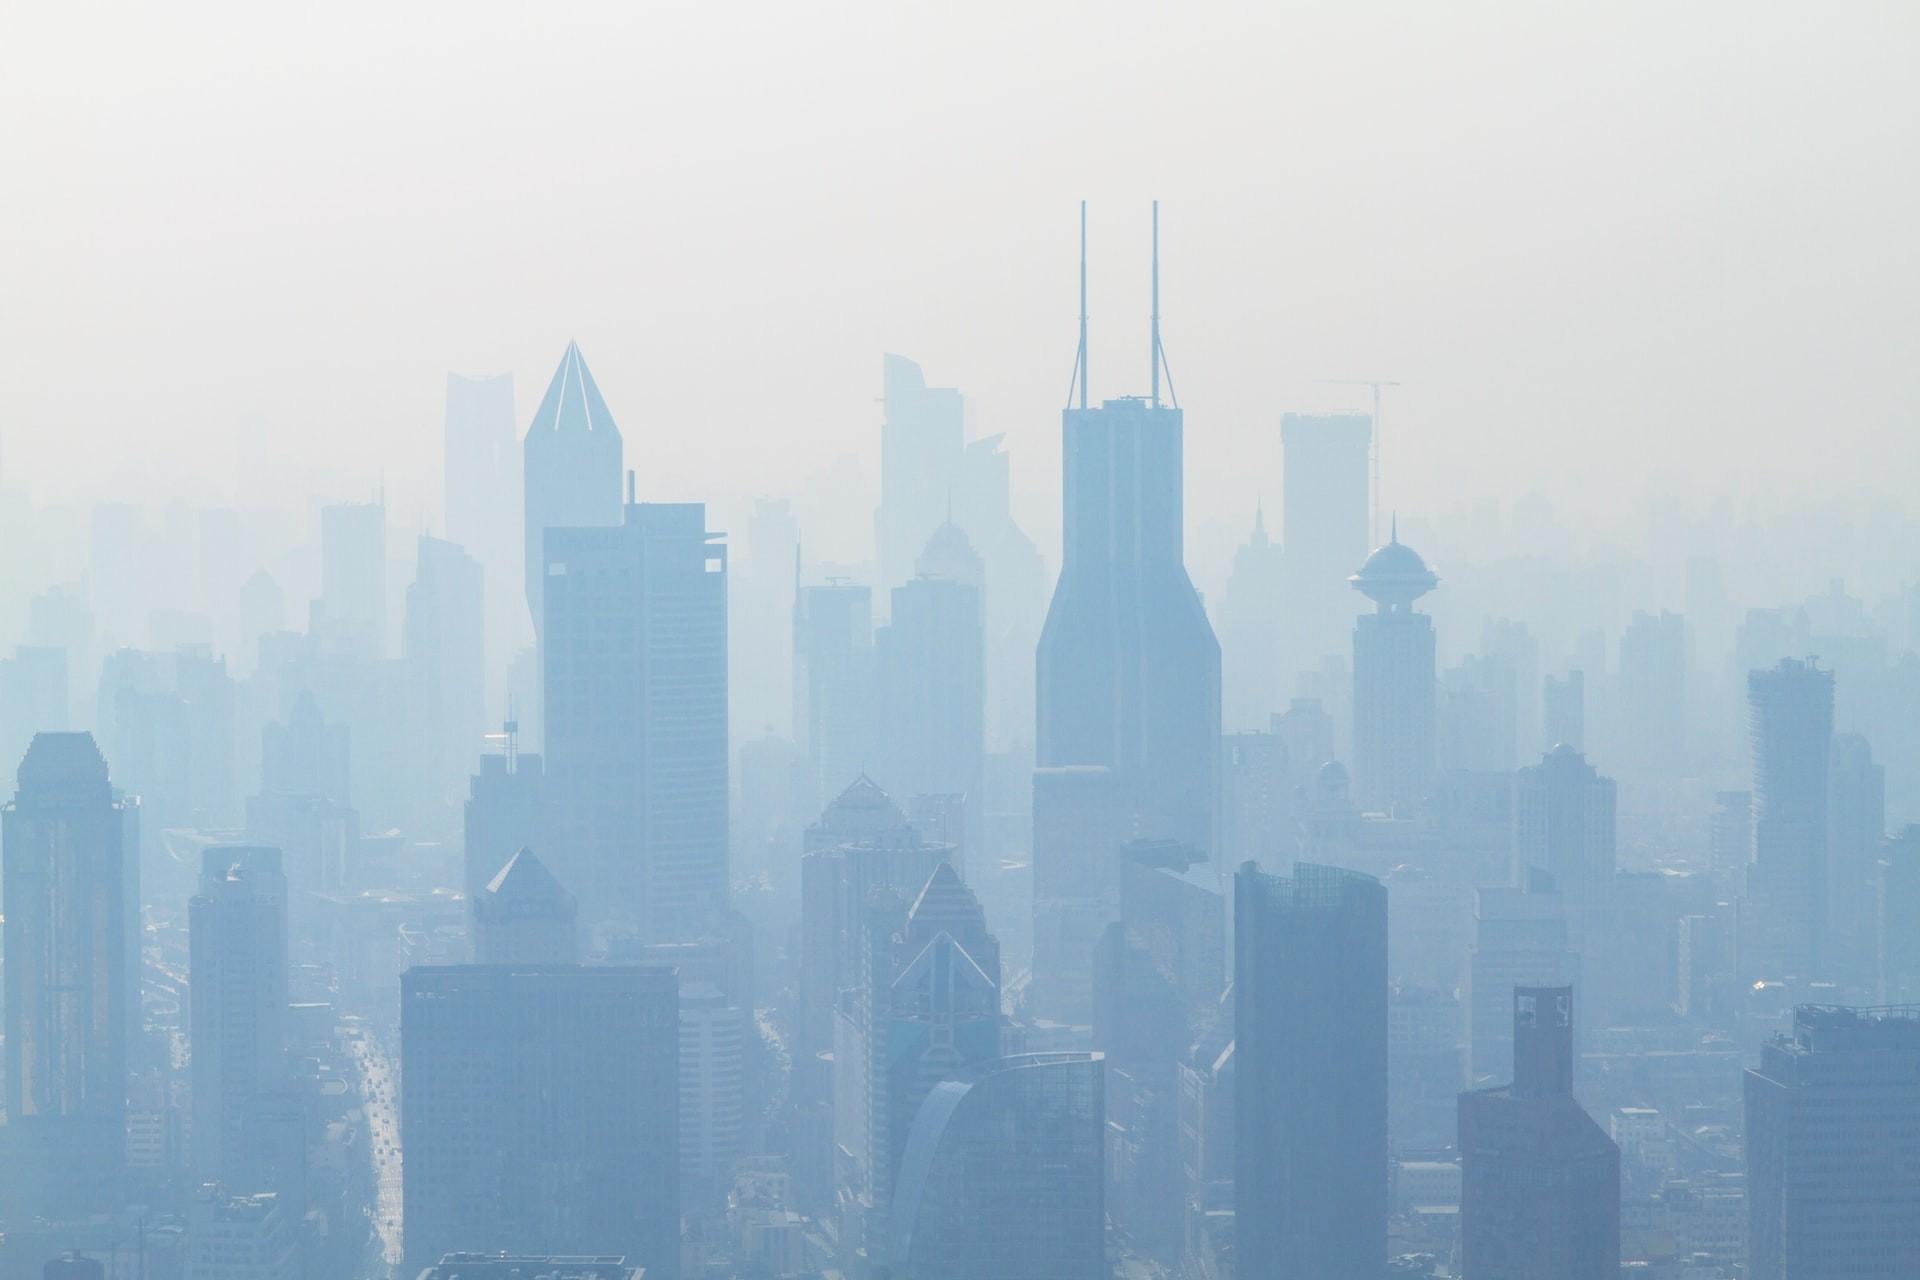 A cidade de Xangai é citada no relatório com aproximadamente 39 mil mortes (Foto: Photoholgic/Unsplash)